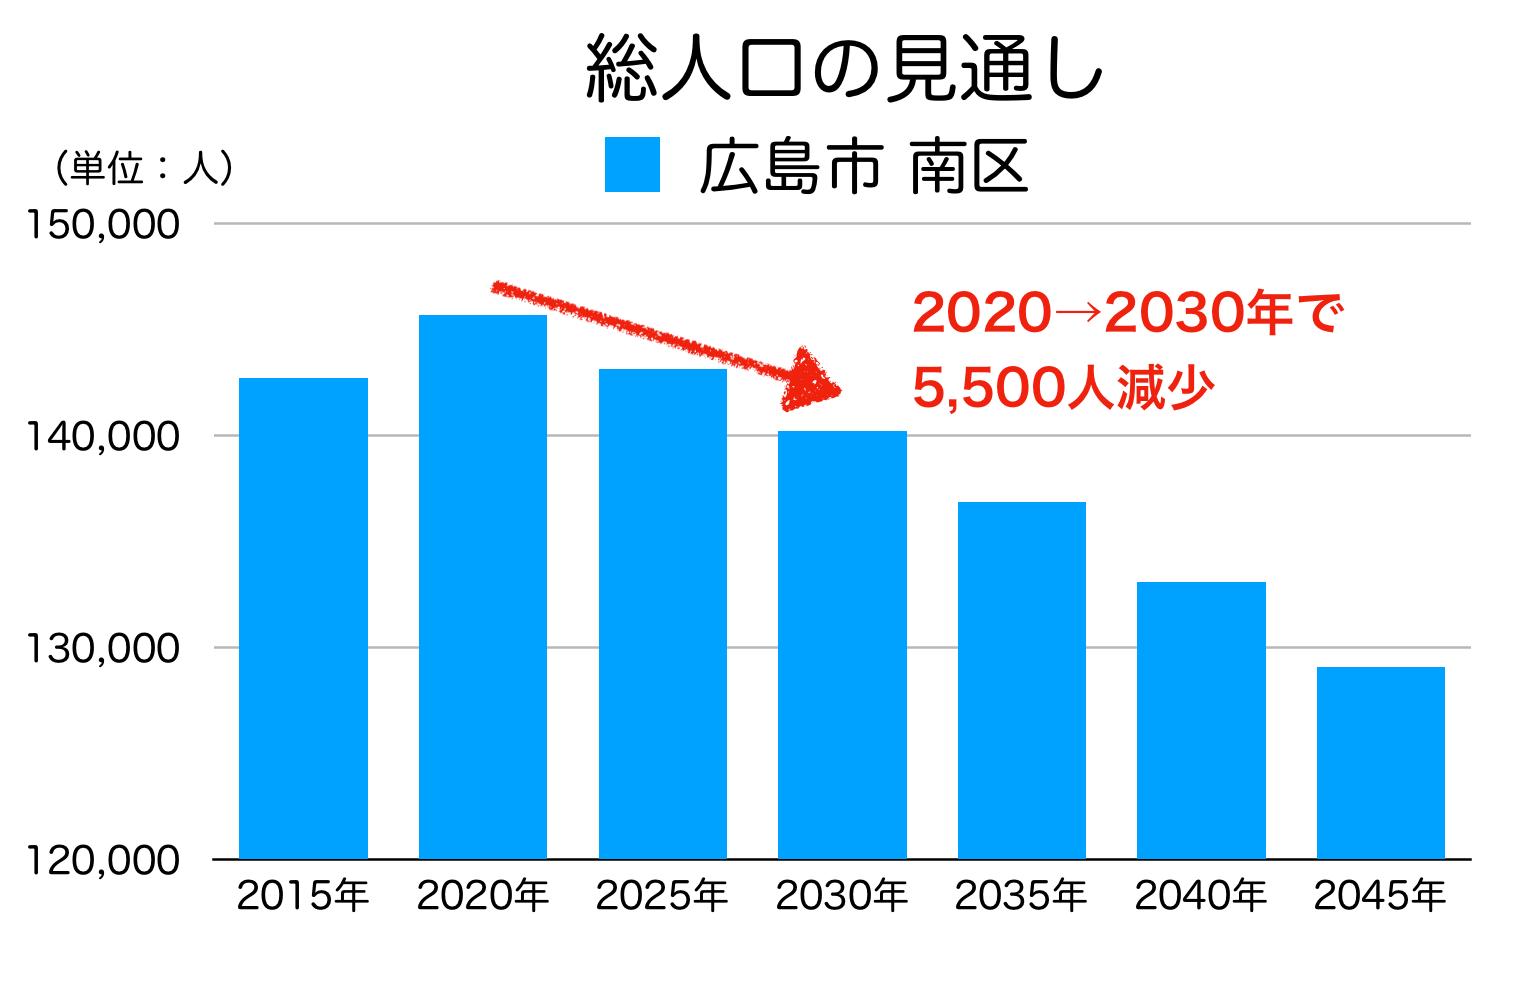 広島市南区の人口予測